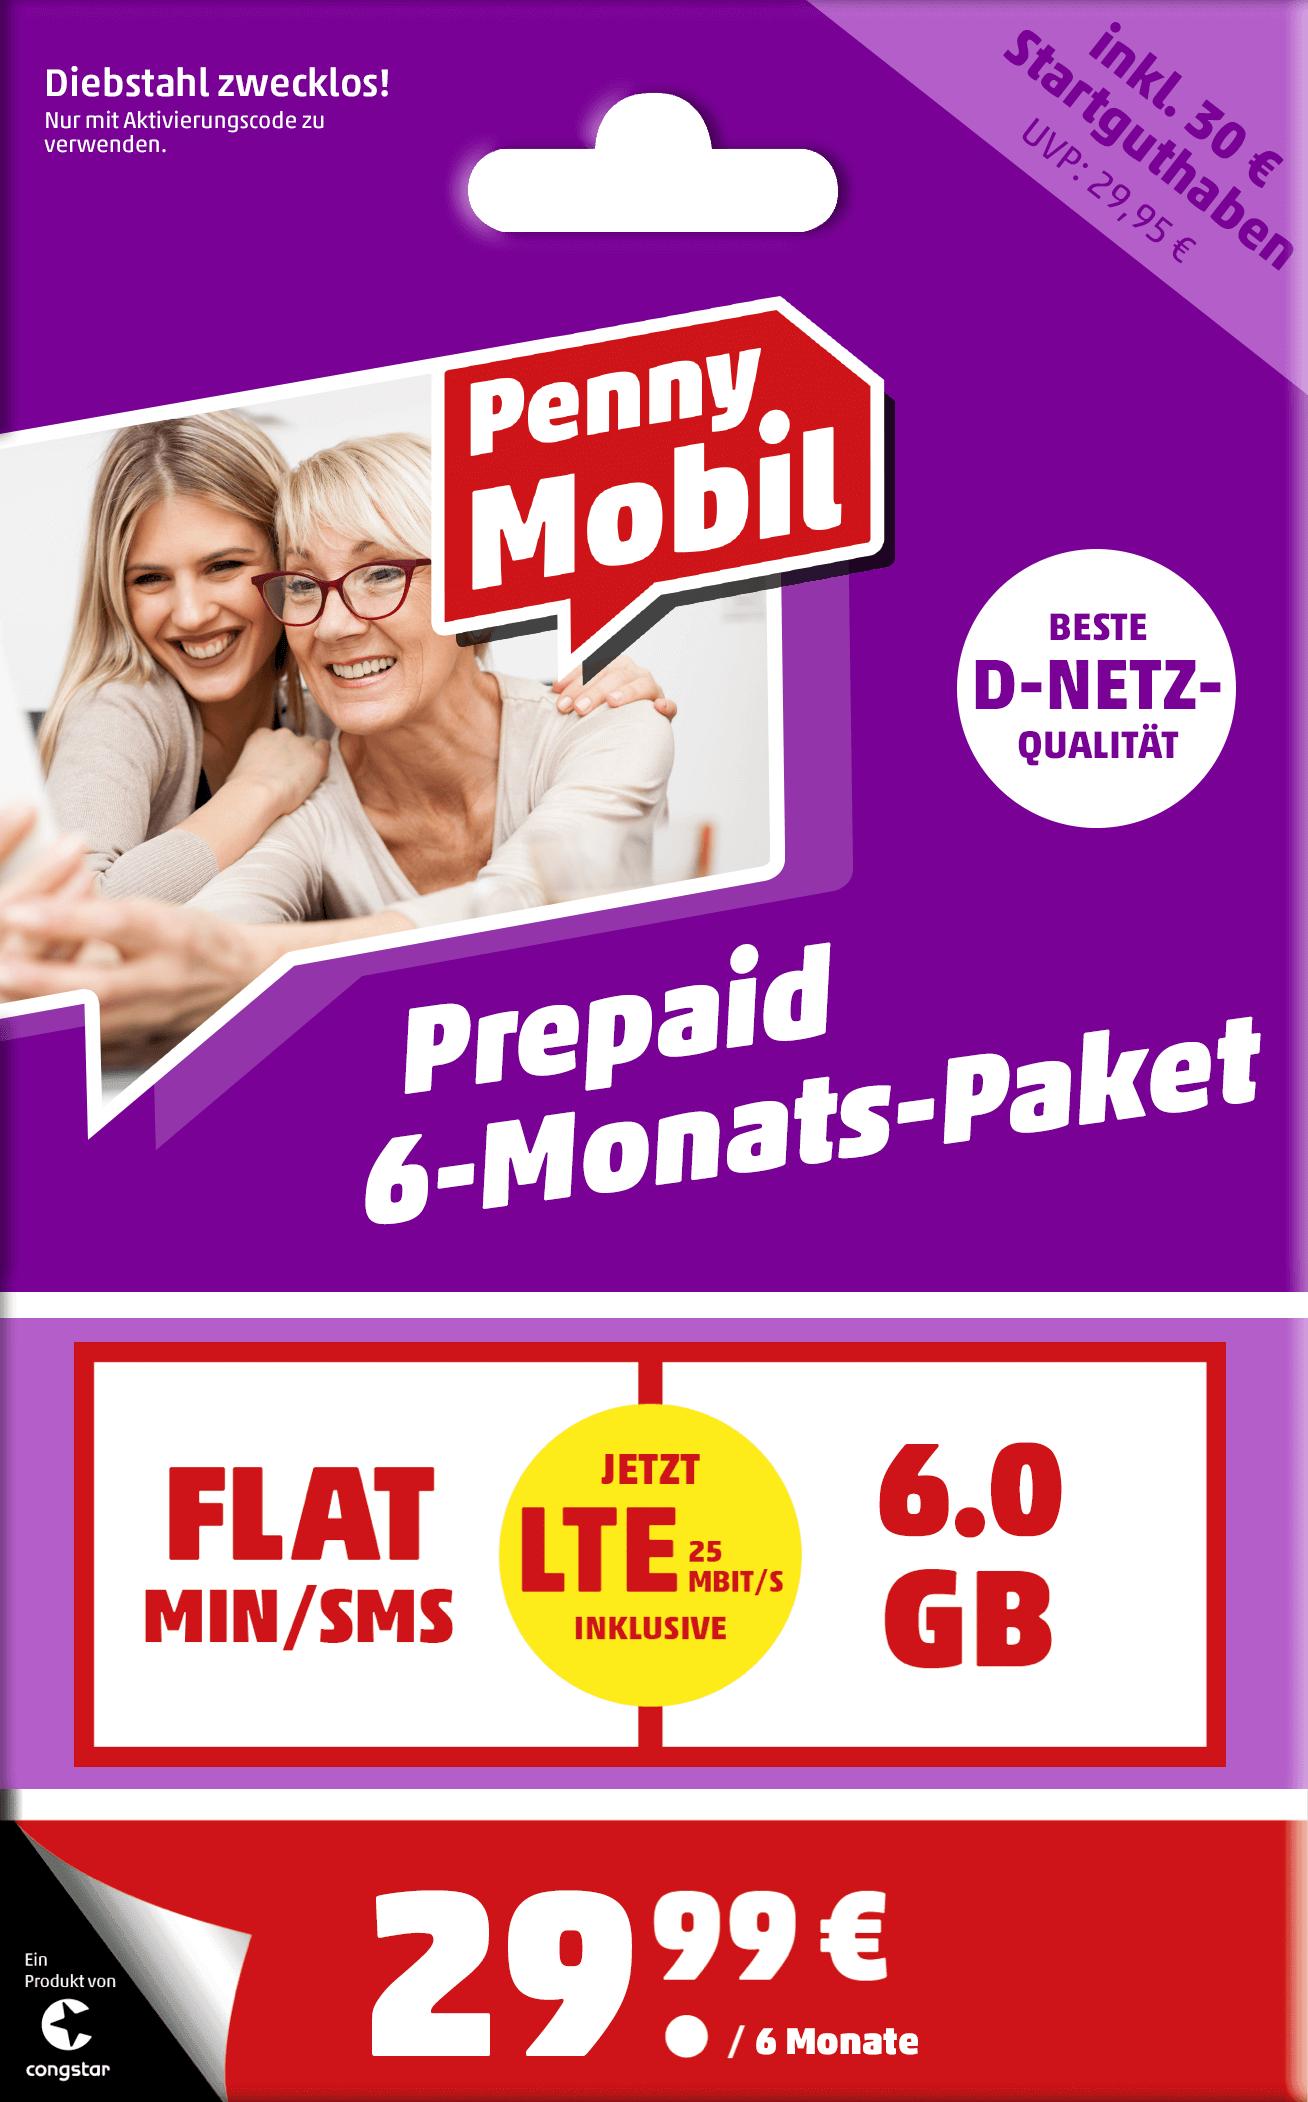 Penny Mobile Prepaid 6GB LTE mit Allnet-Flat im D1 Netz für 29,99€/6Monate (5€ im Monat)